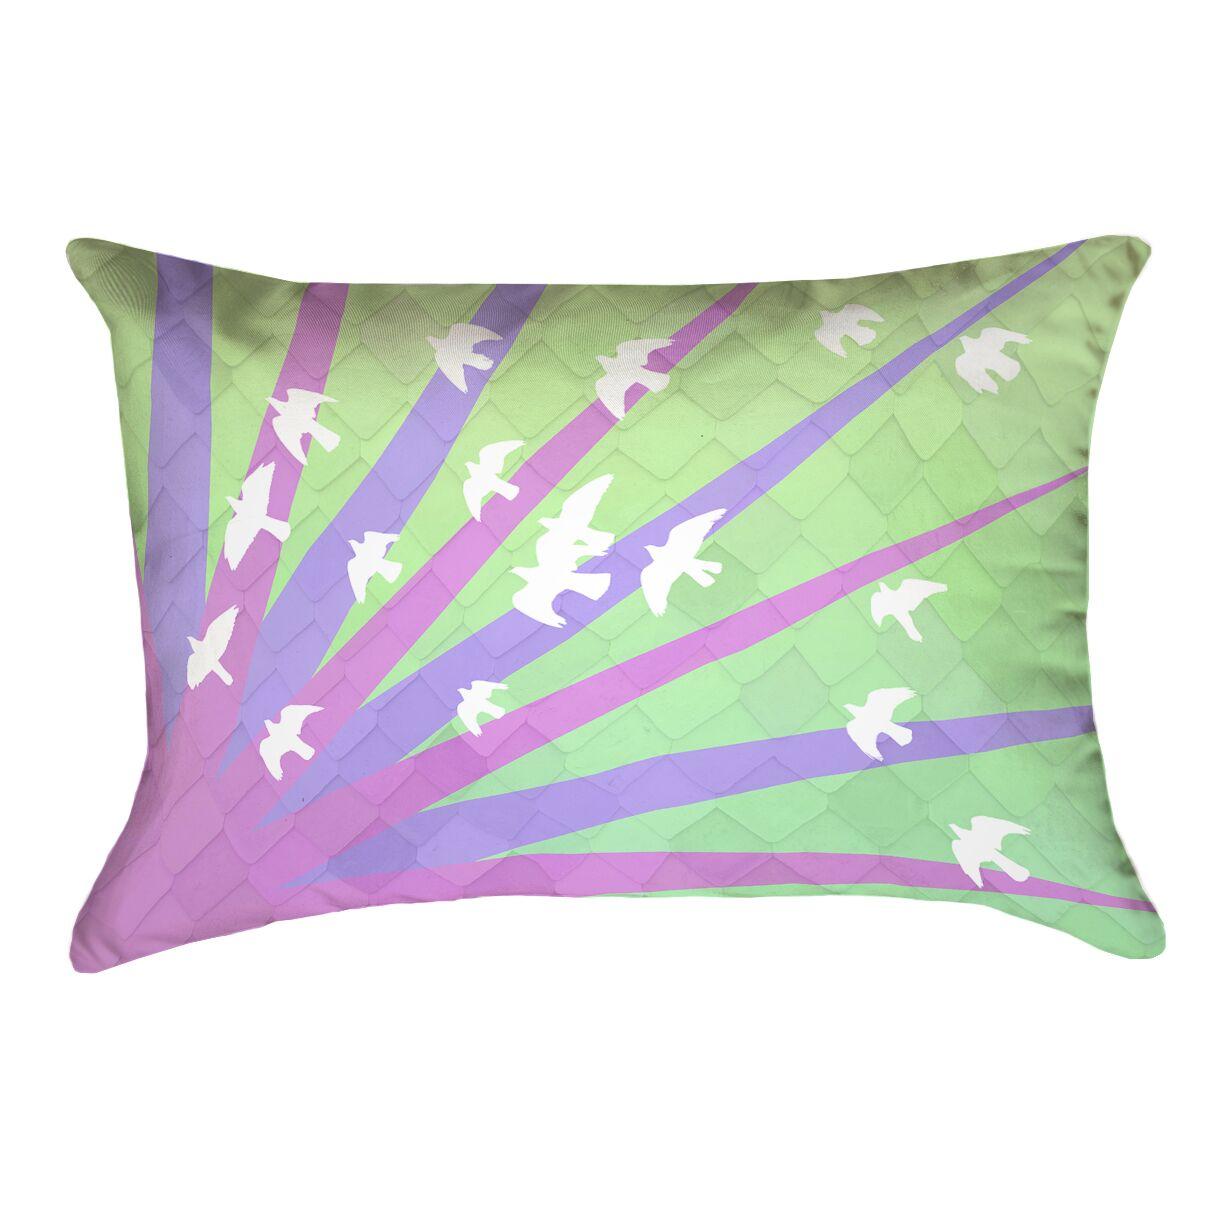 Enciso Modern Birds and Sun 100% Cotton Pillow Cover Color: Green/Yellow/Purple